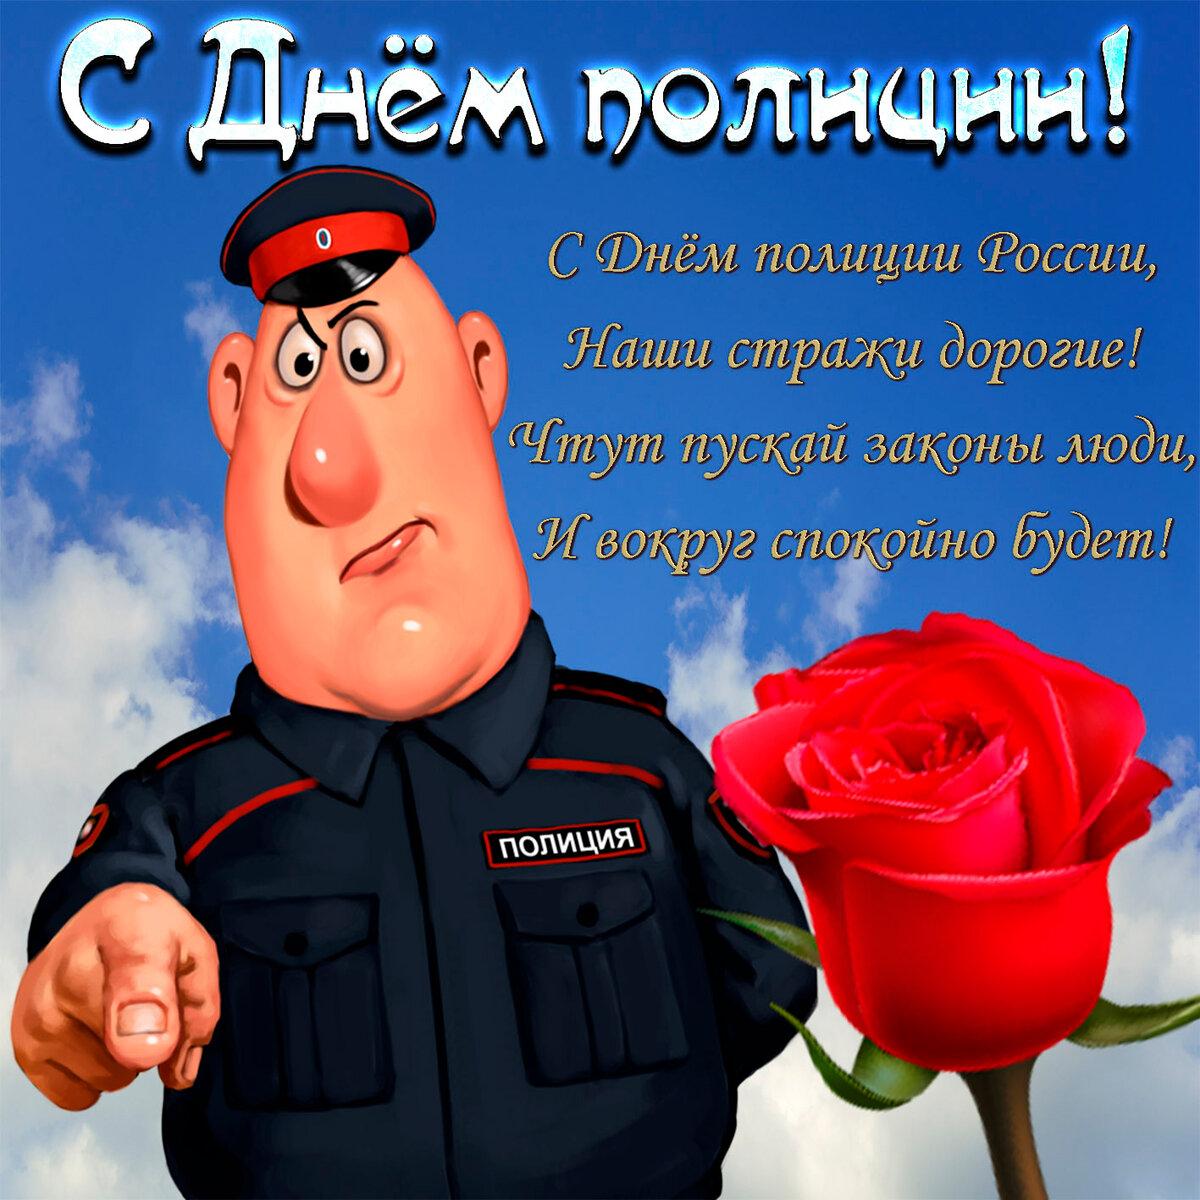 Поздравление женщин полиции